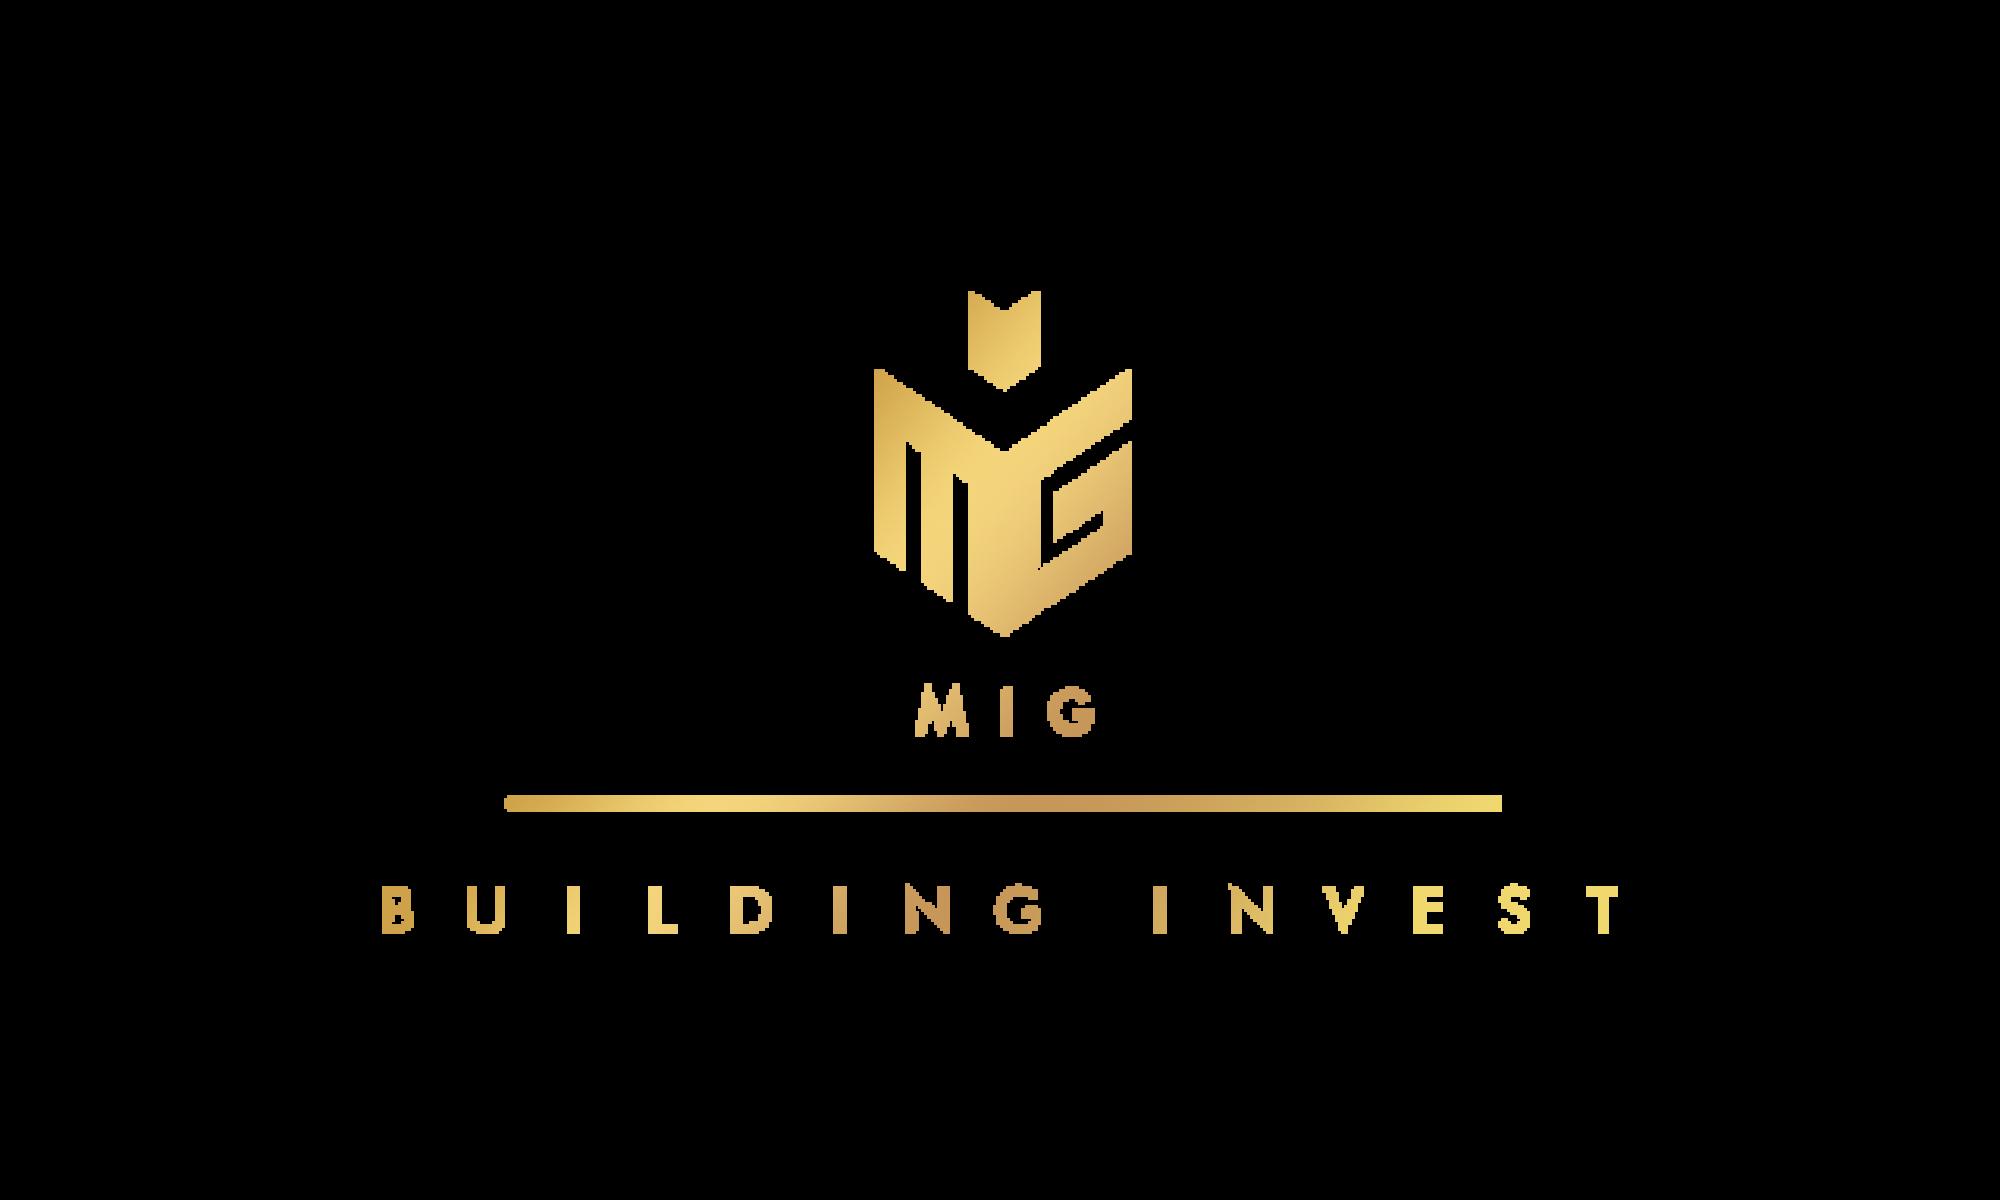 Die Firma «Mig Building Invest» – der Aufbau von Wohnimmobilien und Servicedienstleistungen in Bulgarien